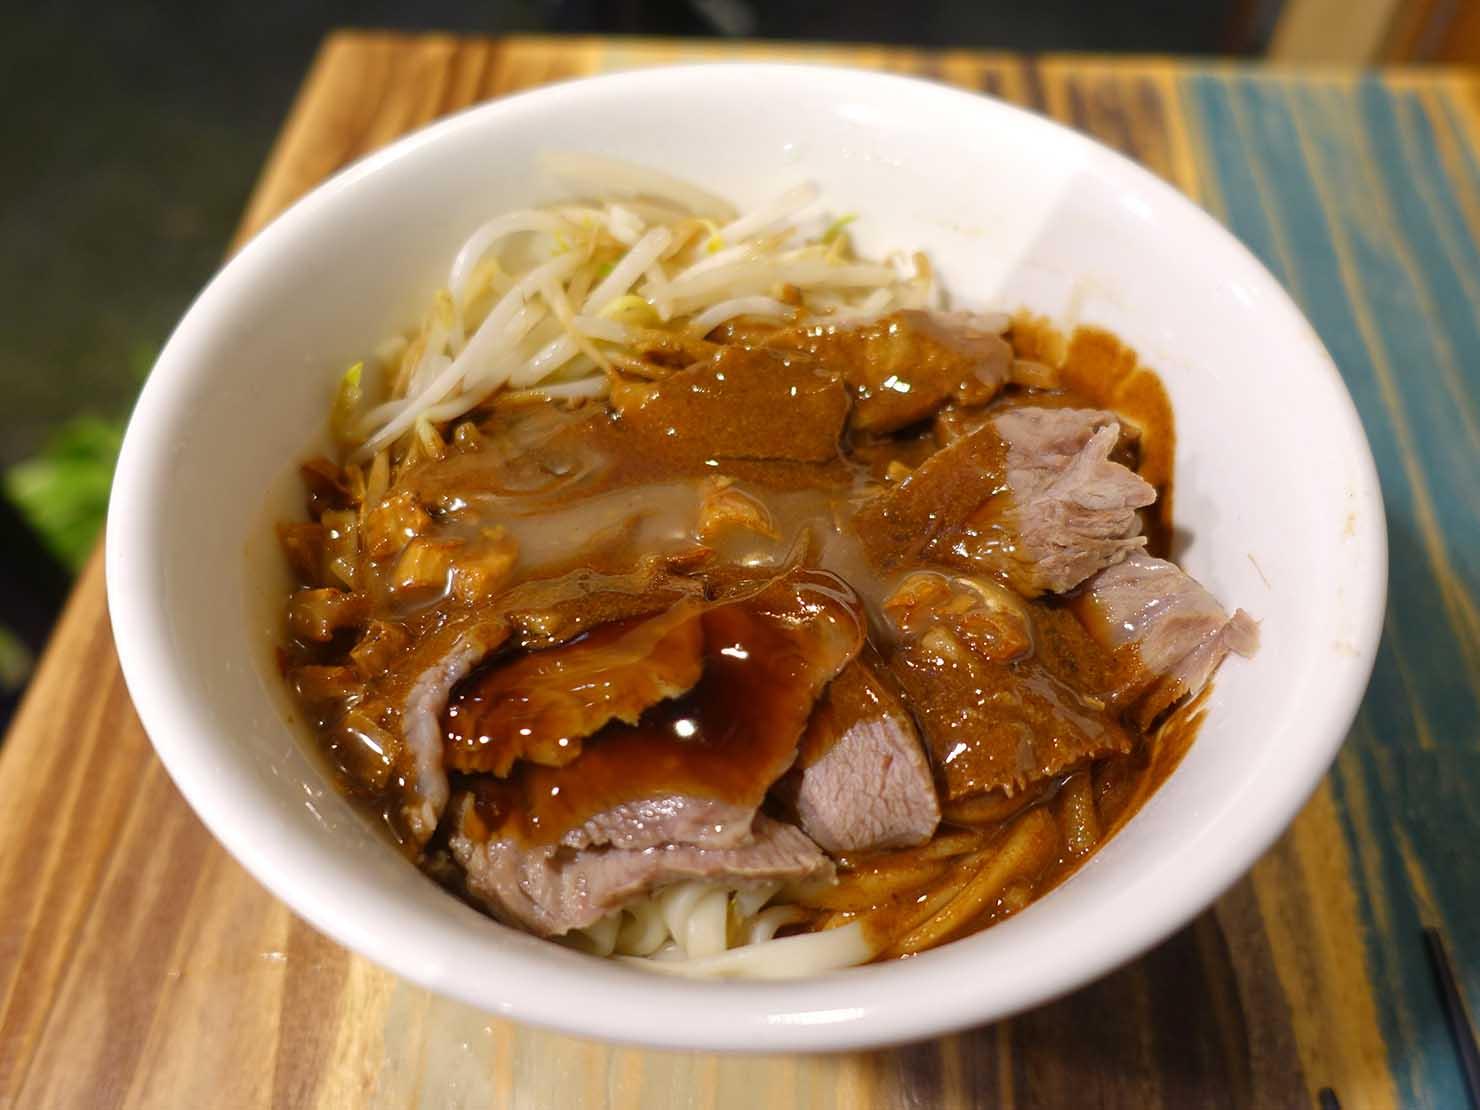 台北・國父紀念館のおすすめグルメ店「林家麻醬麵」の人氣王肉麻麵